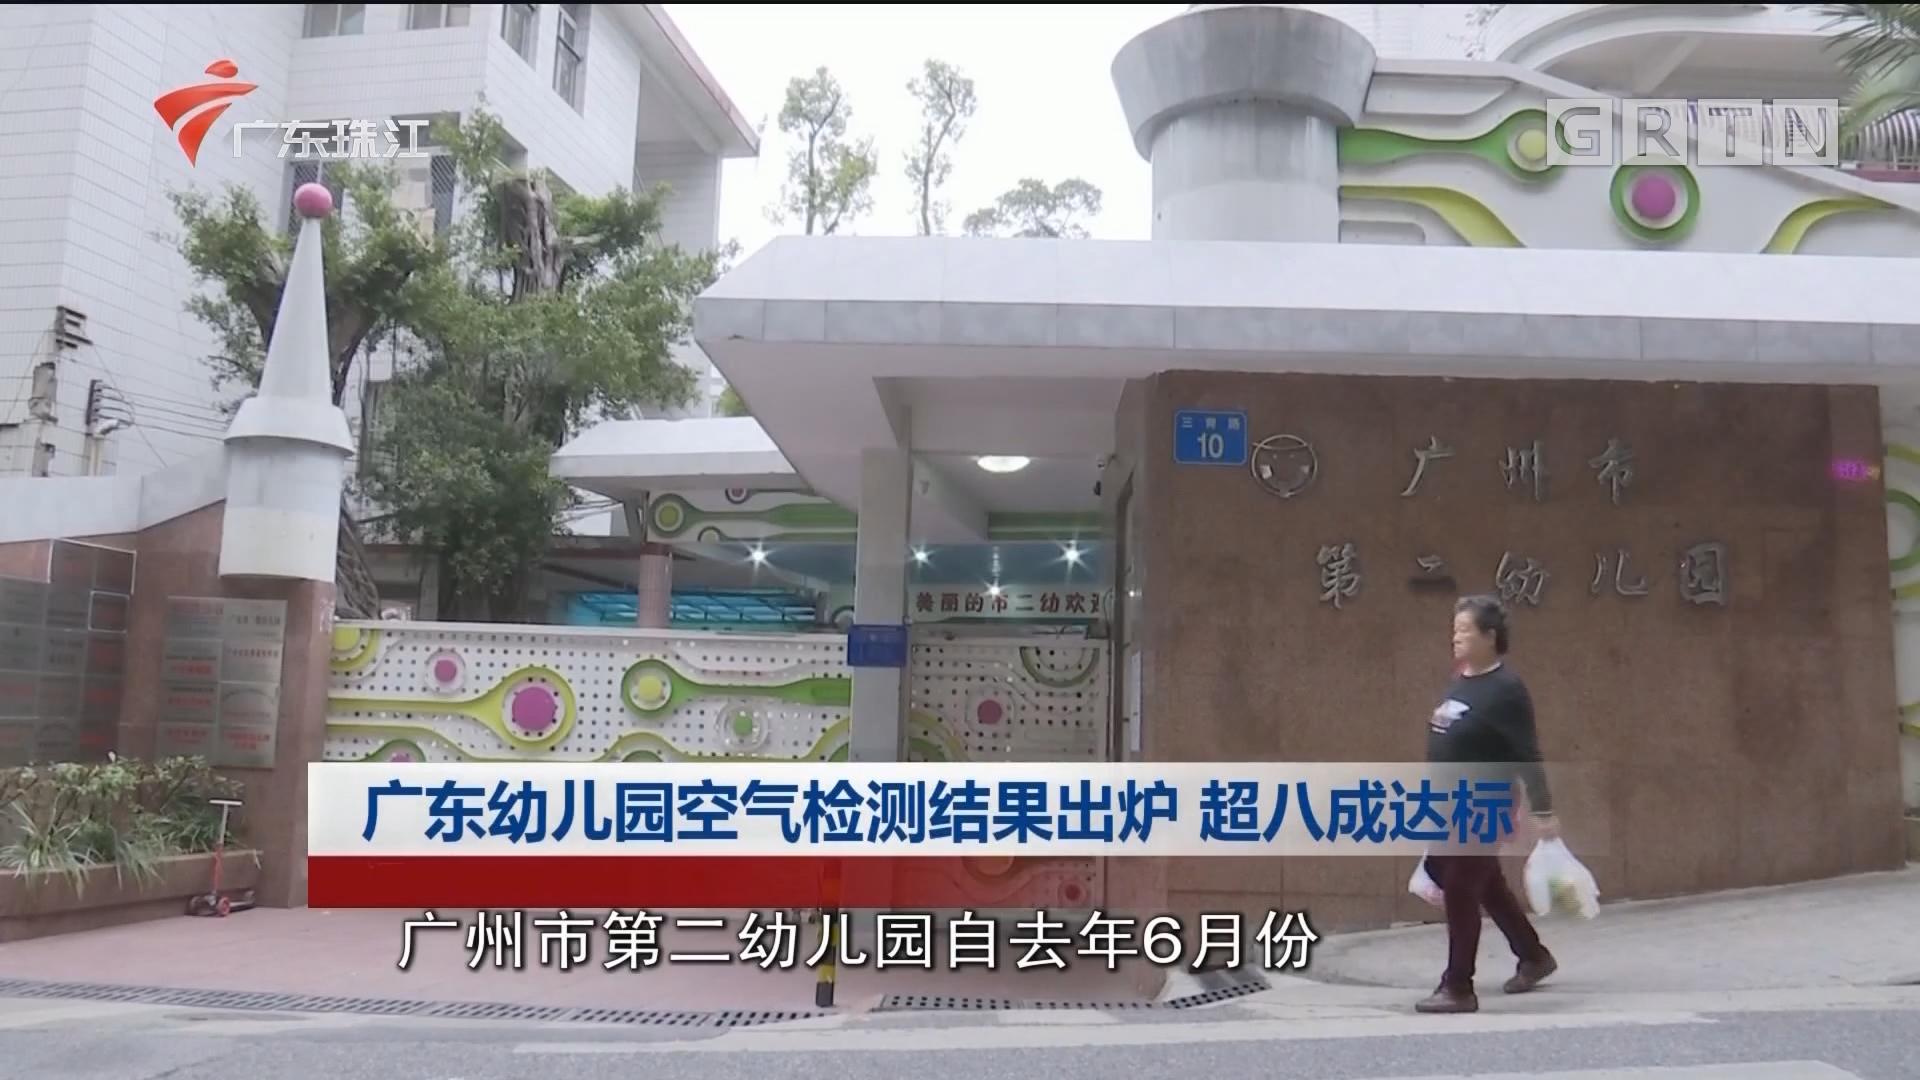 广东幼儿园空气检测结果出炉 超八成达标